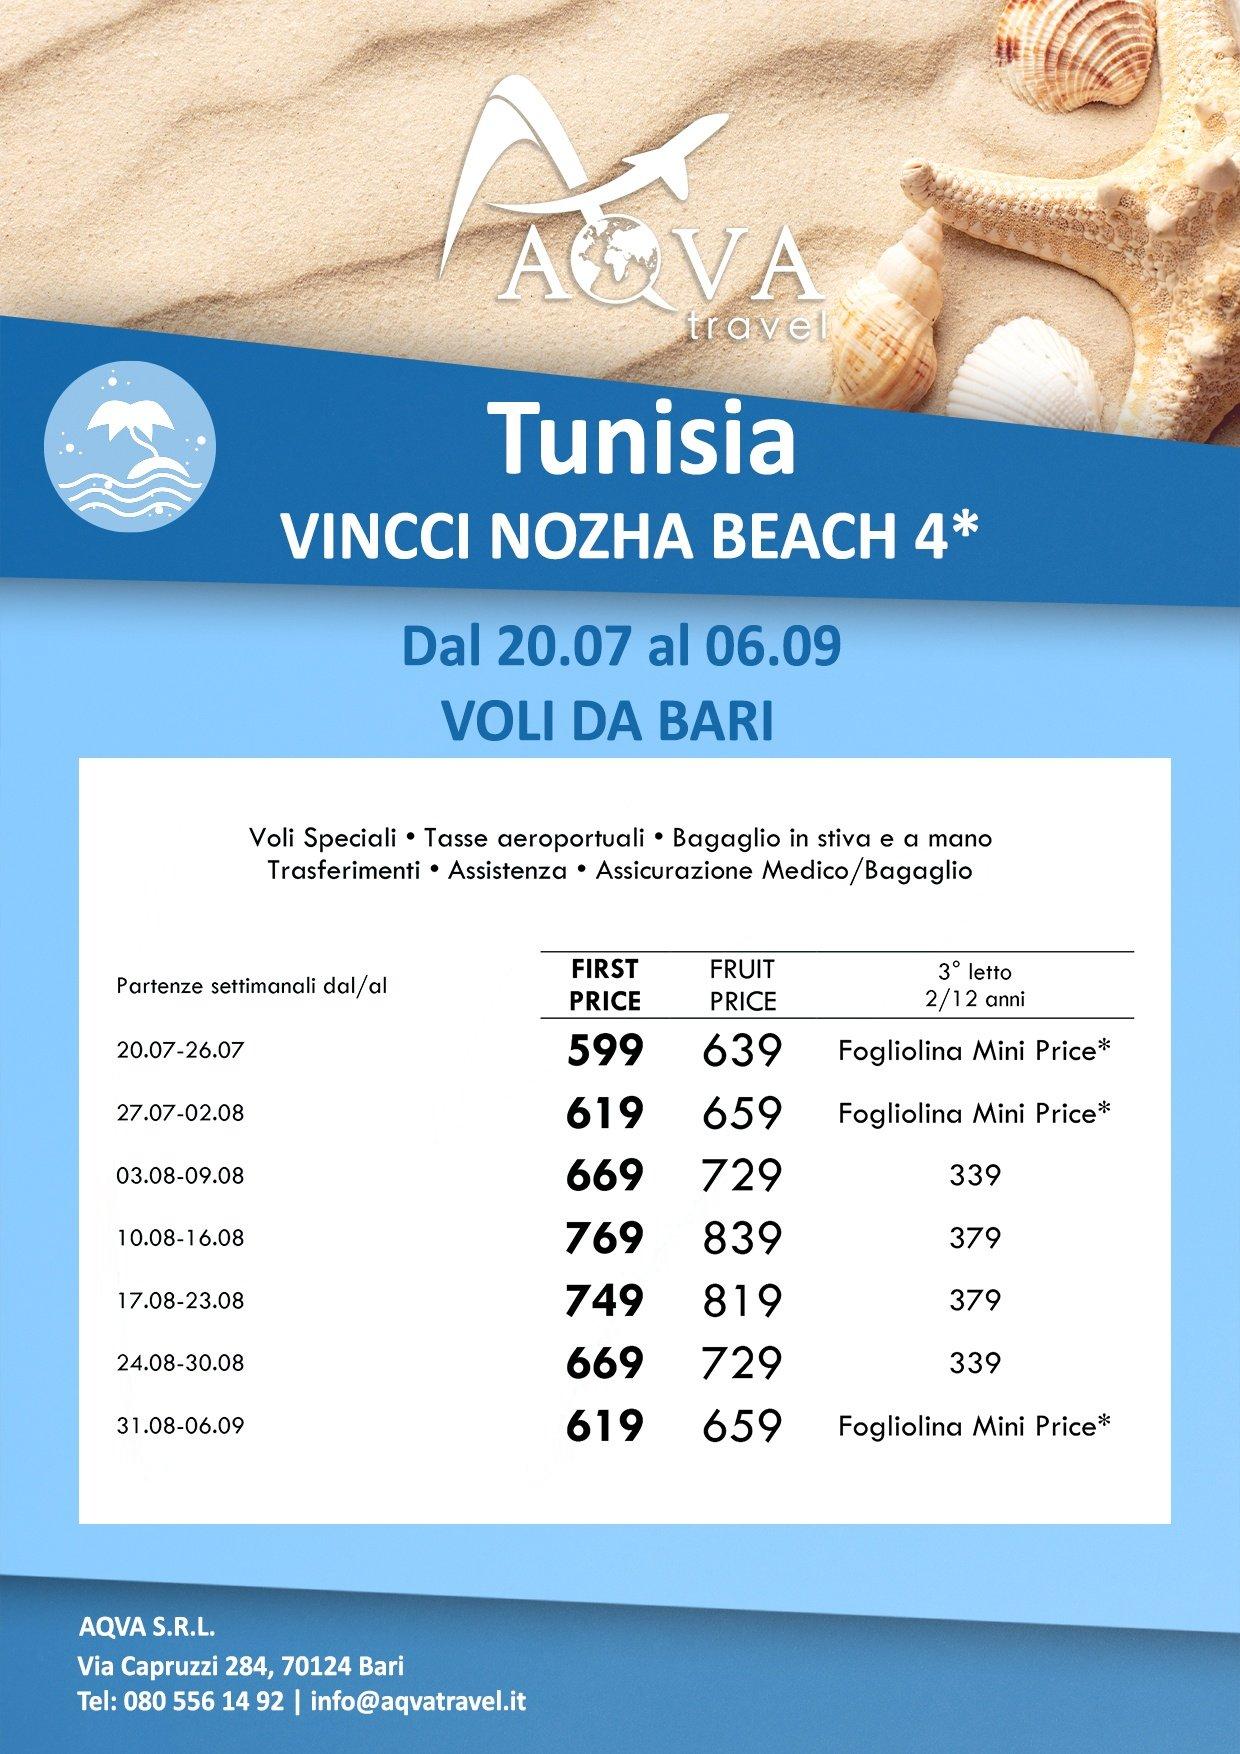 Tunisia-FRUIT VILLAGE HAMMAMET -VINCCI NOZHA BEACH 4 Mare offerte agenzia di viaggi Bari AQVATRAVEL it